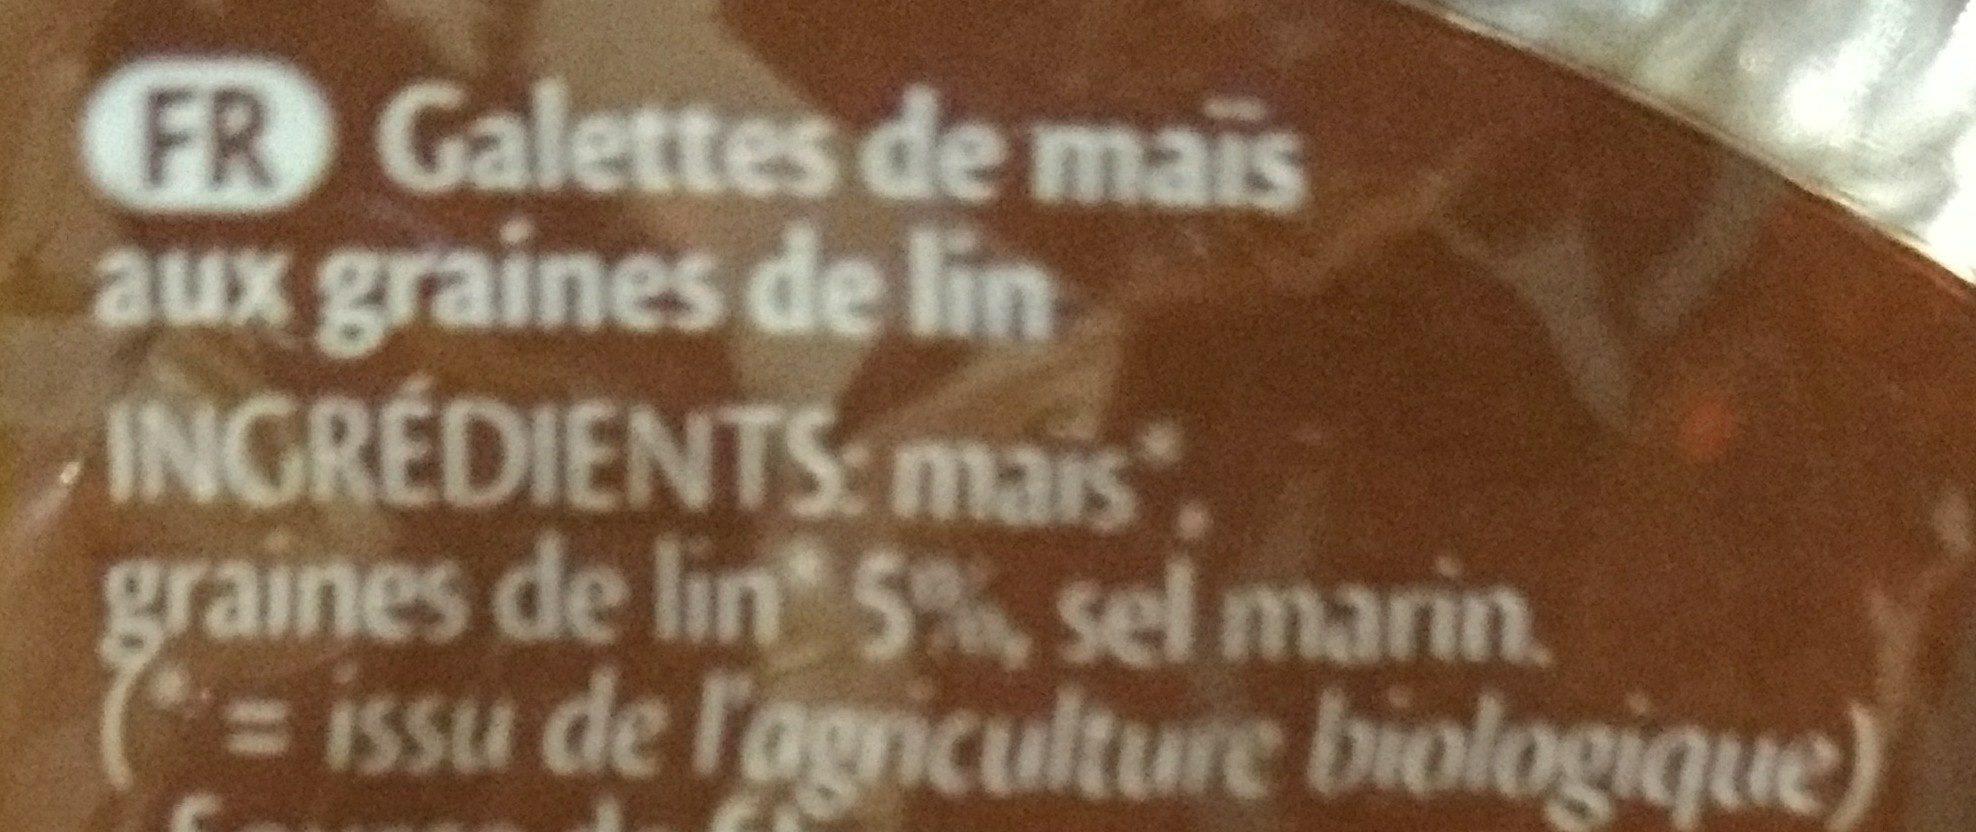 Galettes De Maïs Fines Aux Graines De Lin Biologique 150G - Ingrediënten